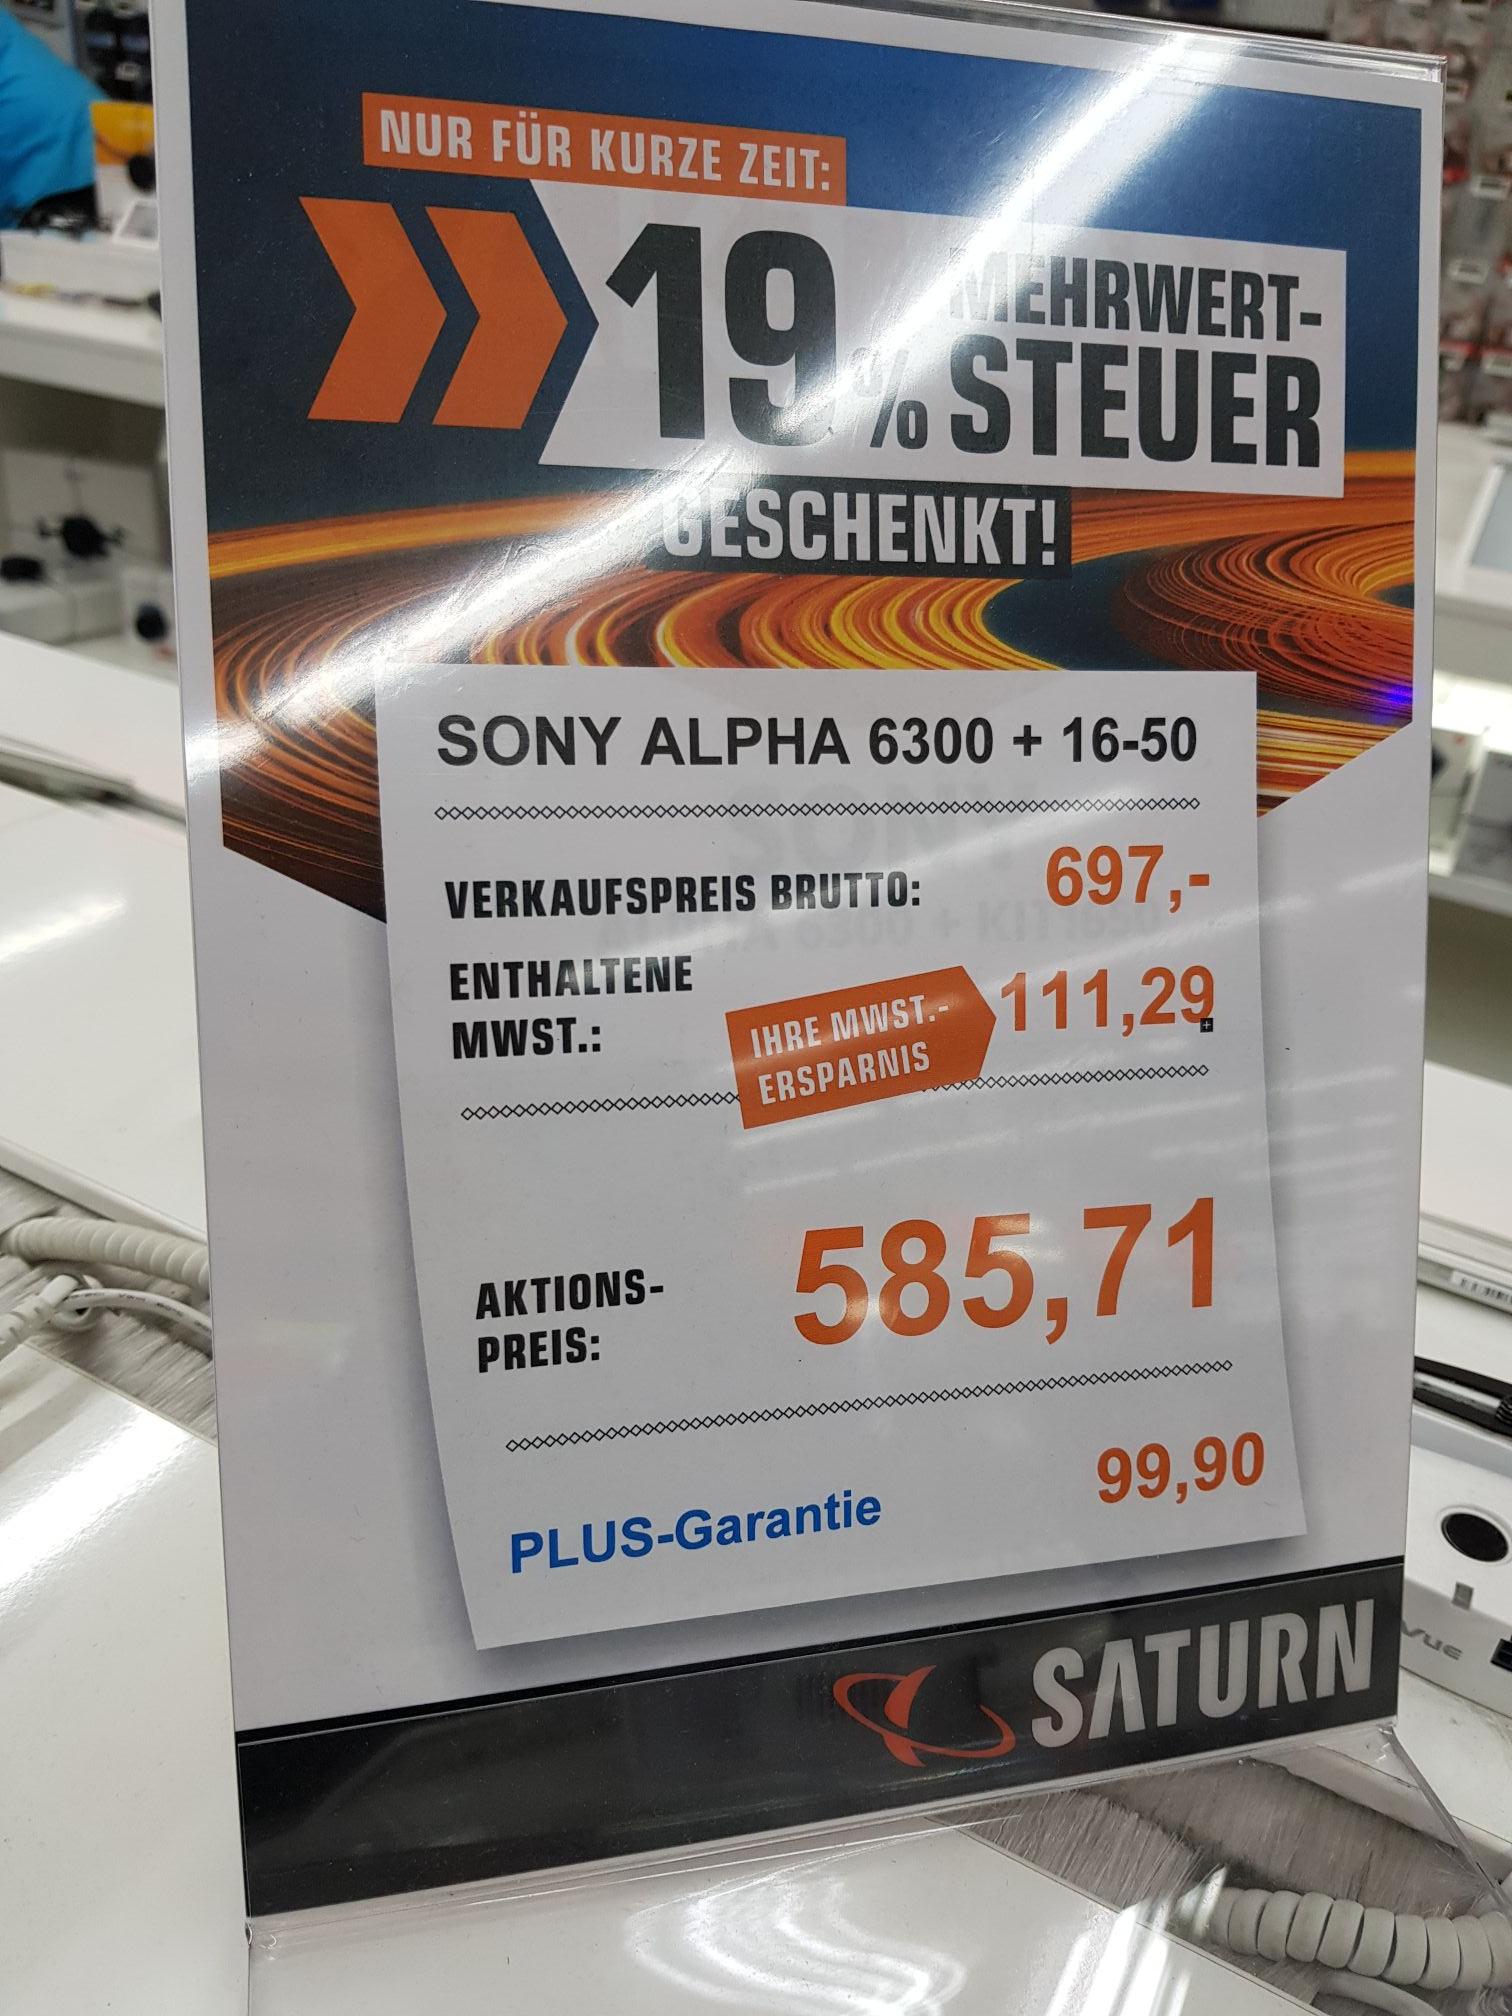 [Lokal] Sony Alpha 6300 Kit / Saturn Karlsruhe